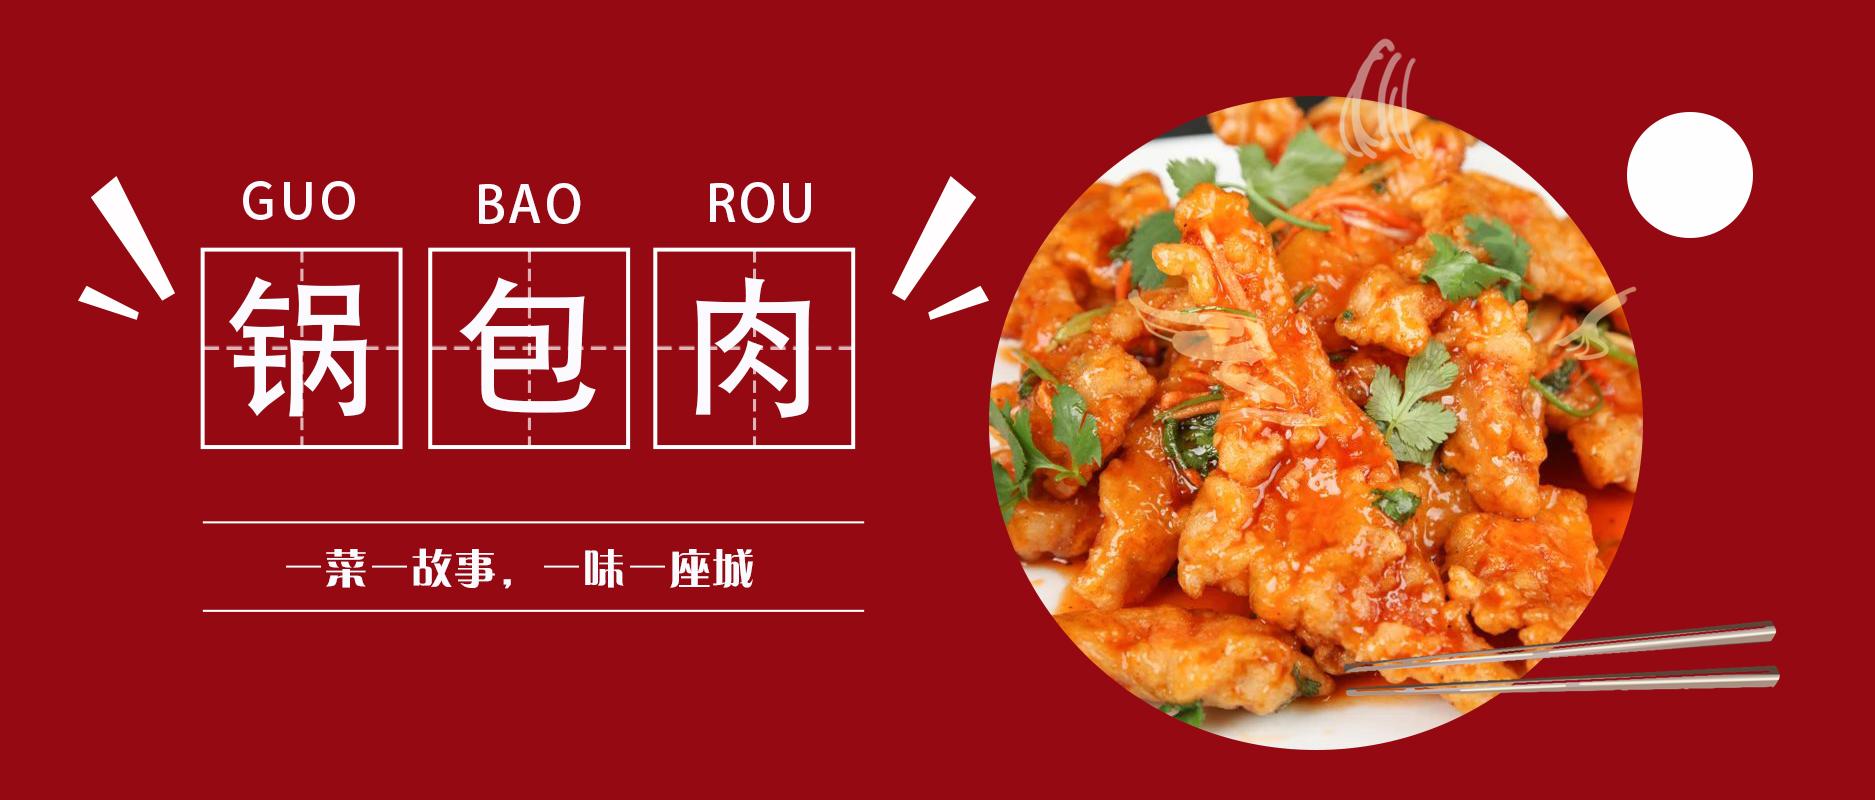 东北锅包肉,一道有声音的菜